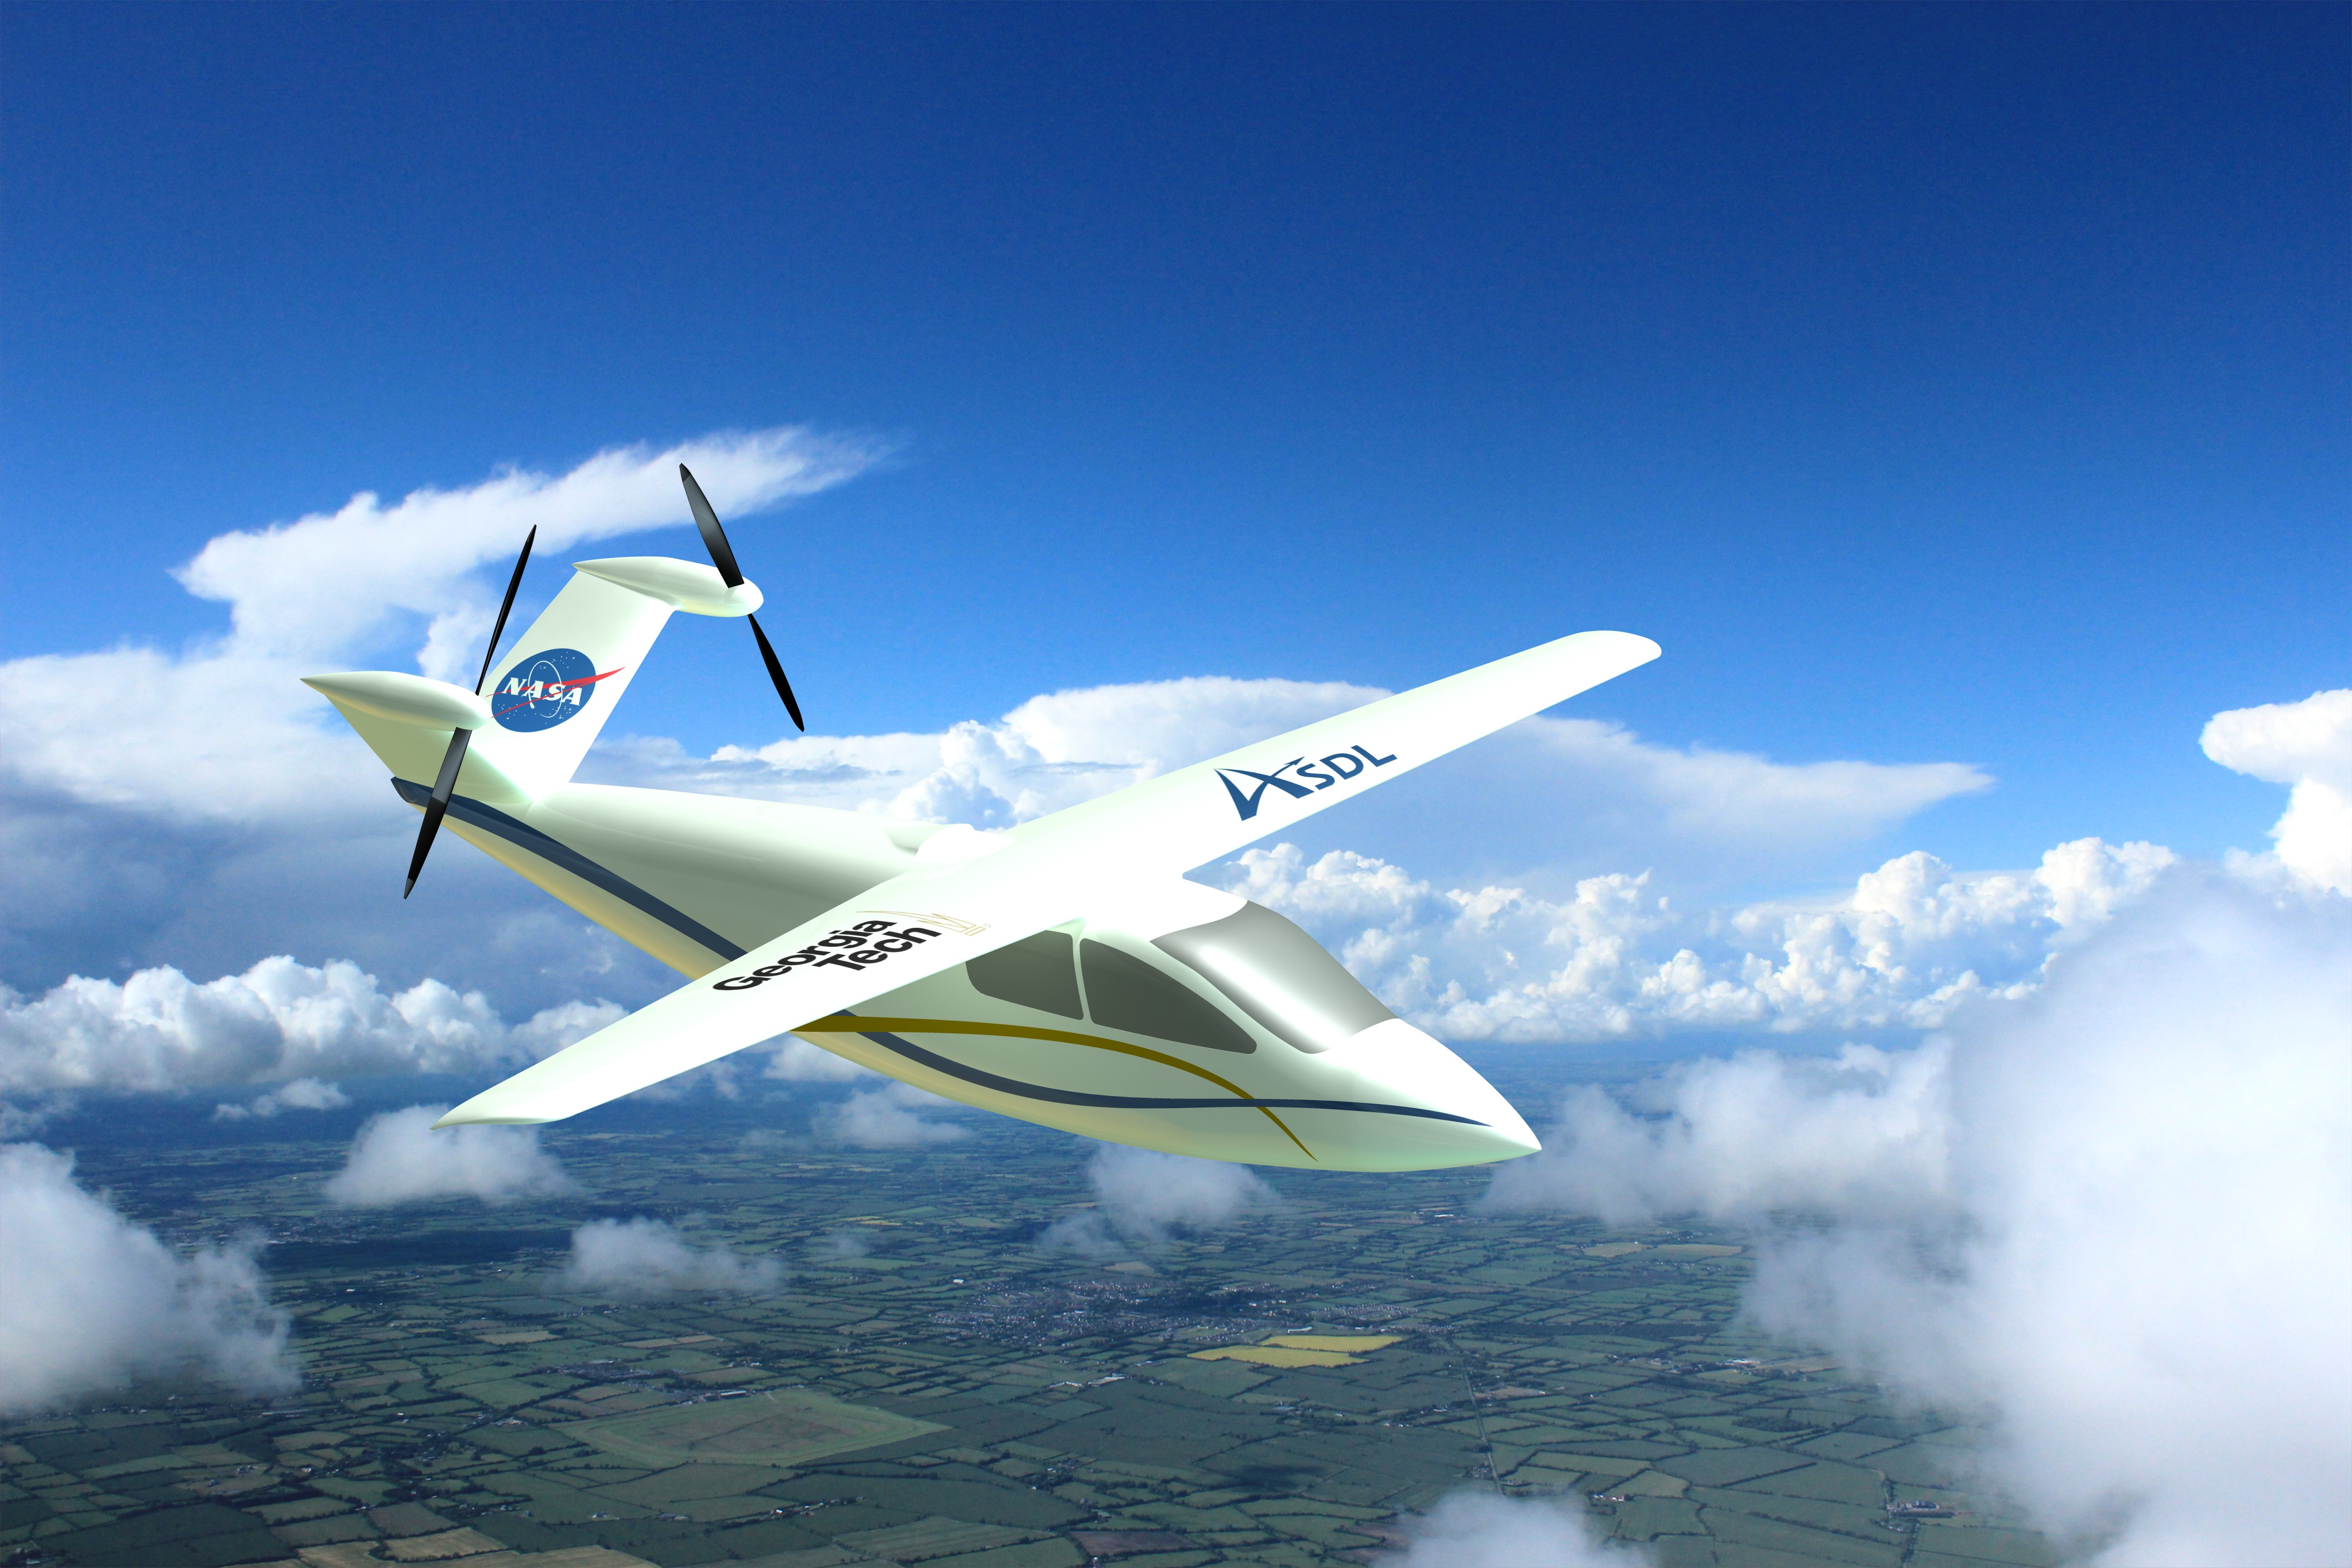 nasa flight of the future - photo #9